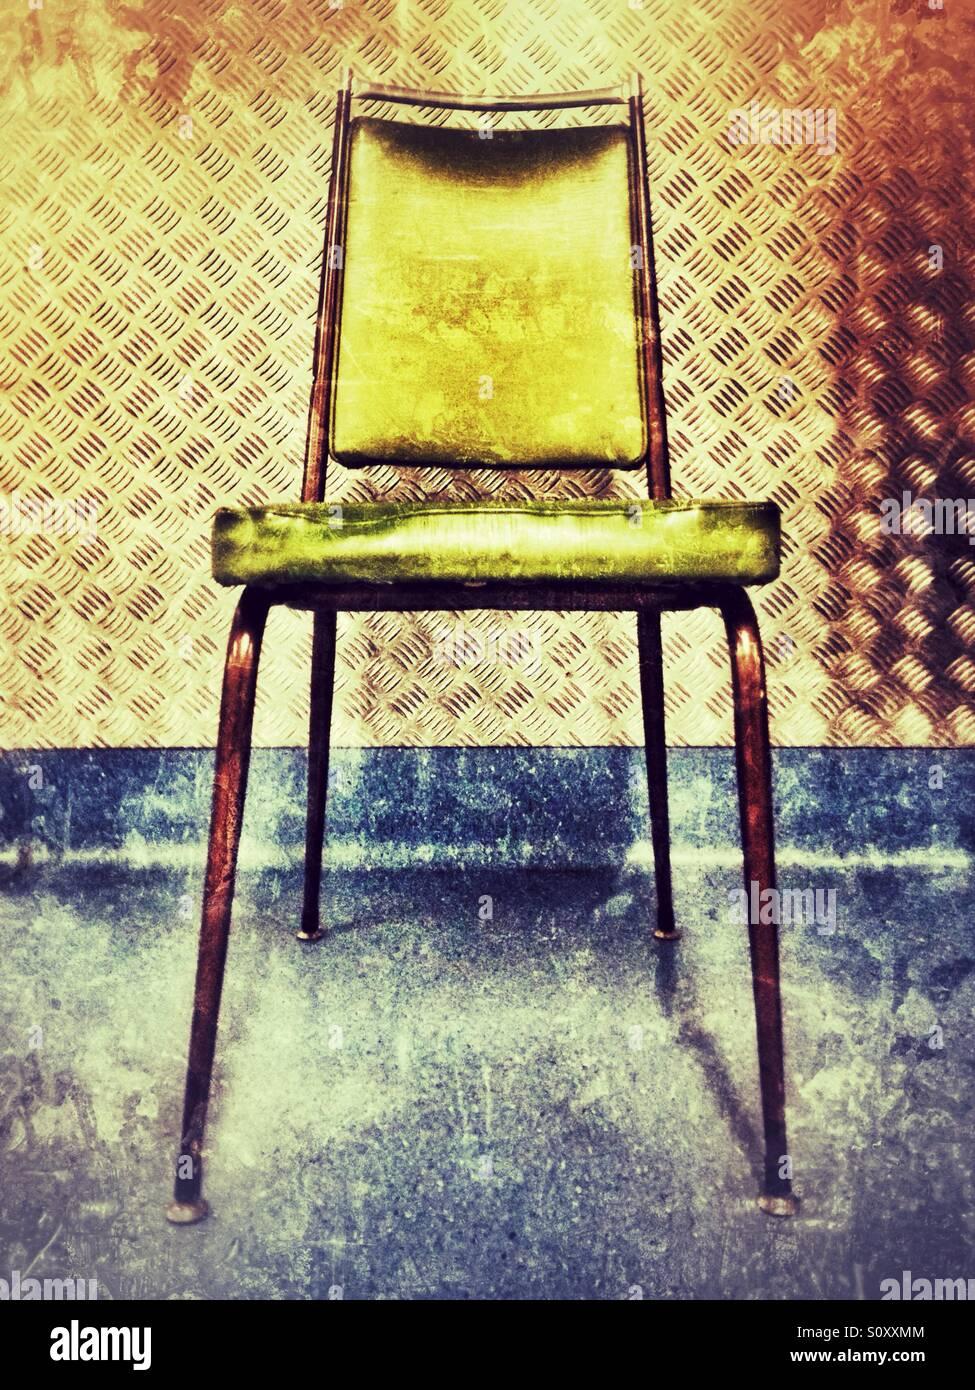 Chaise contre un mur. Photo Stock